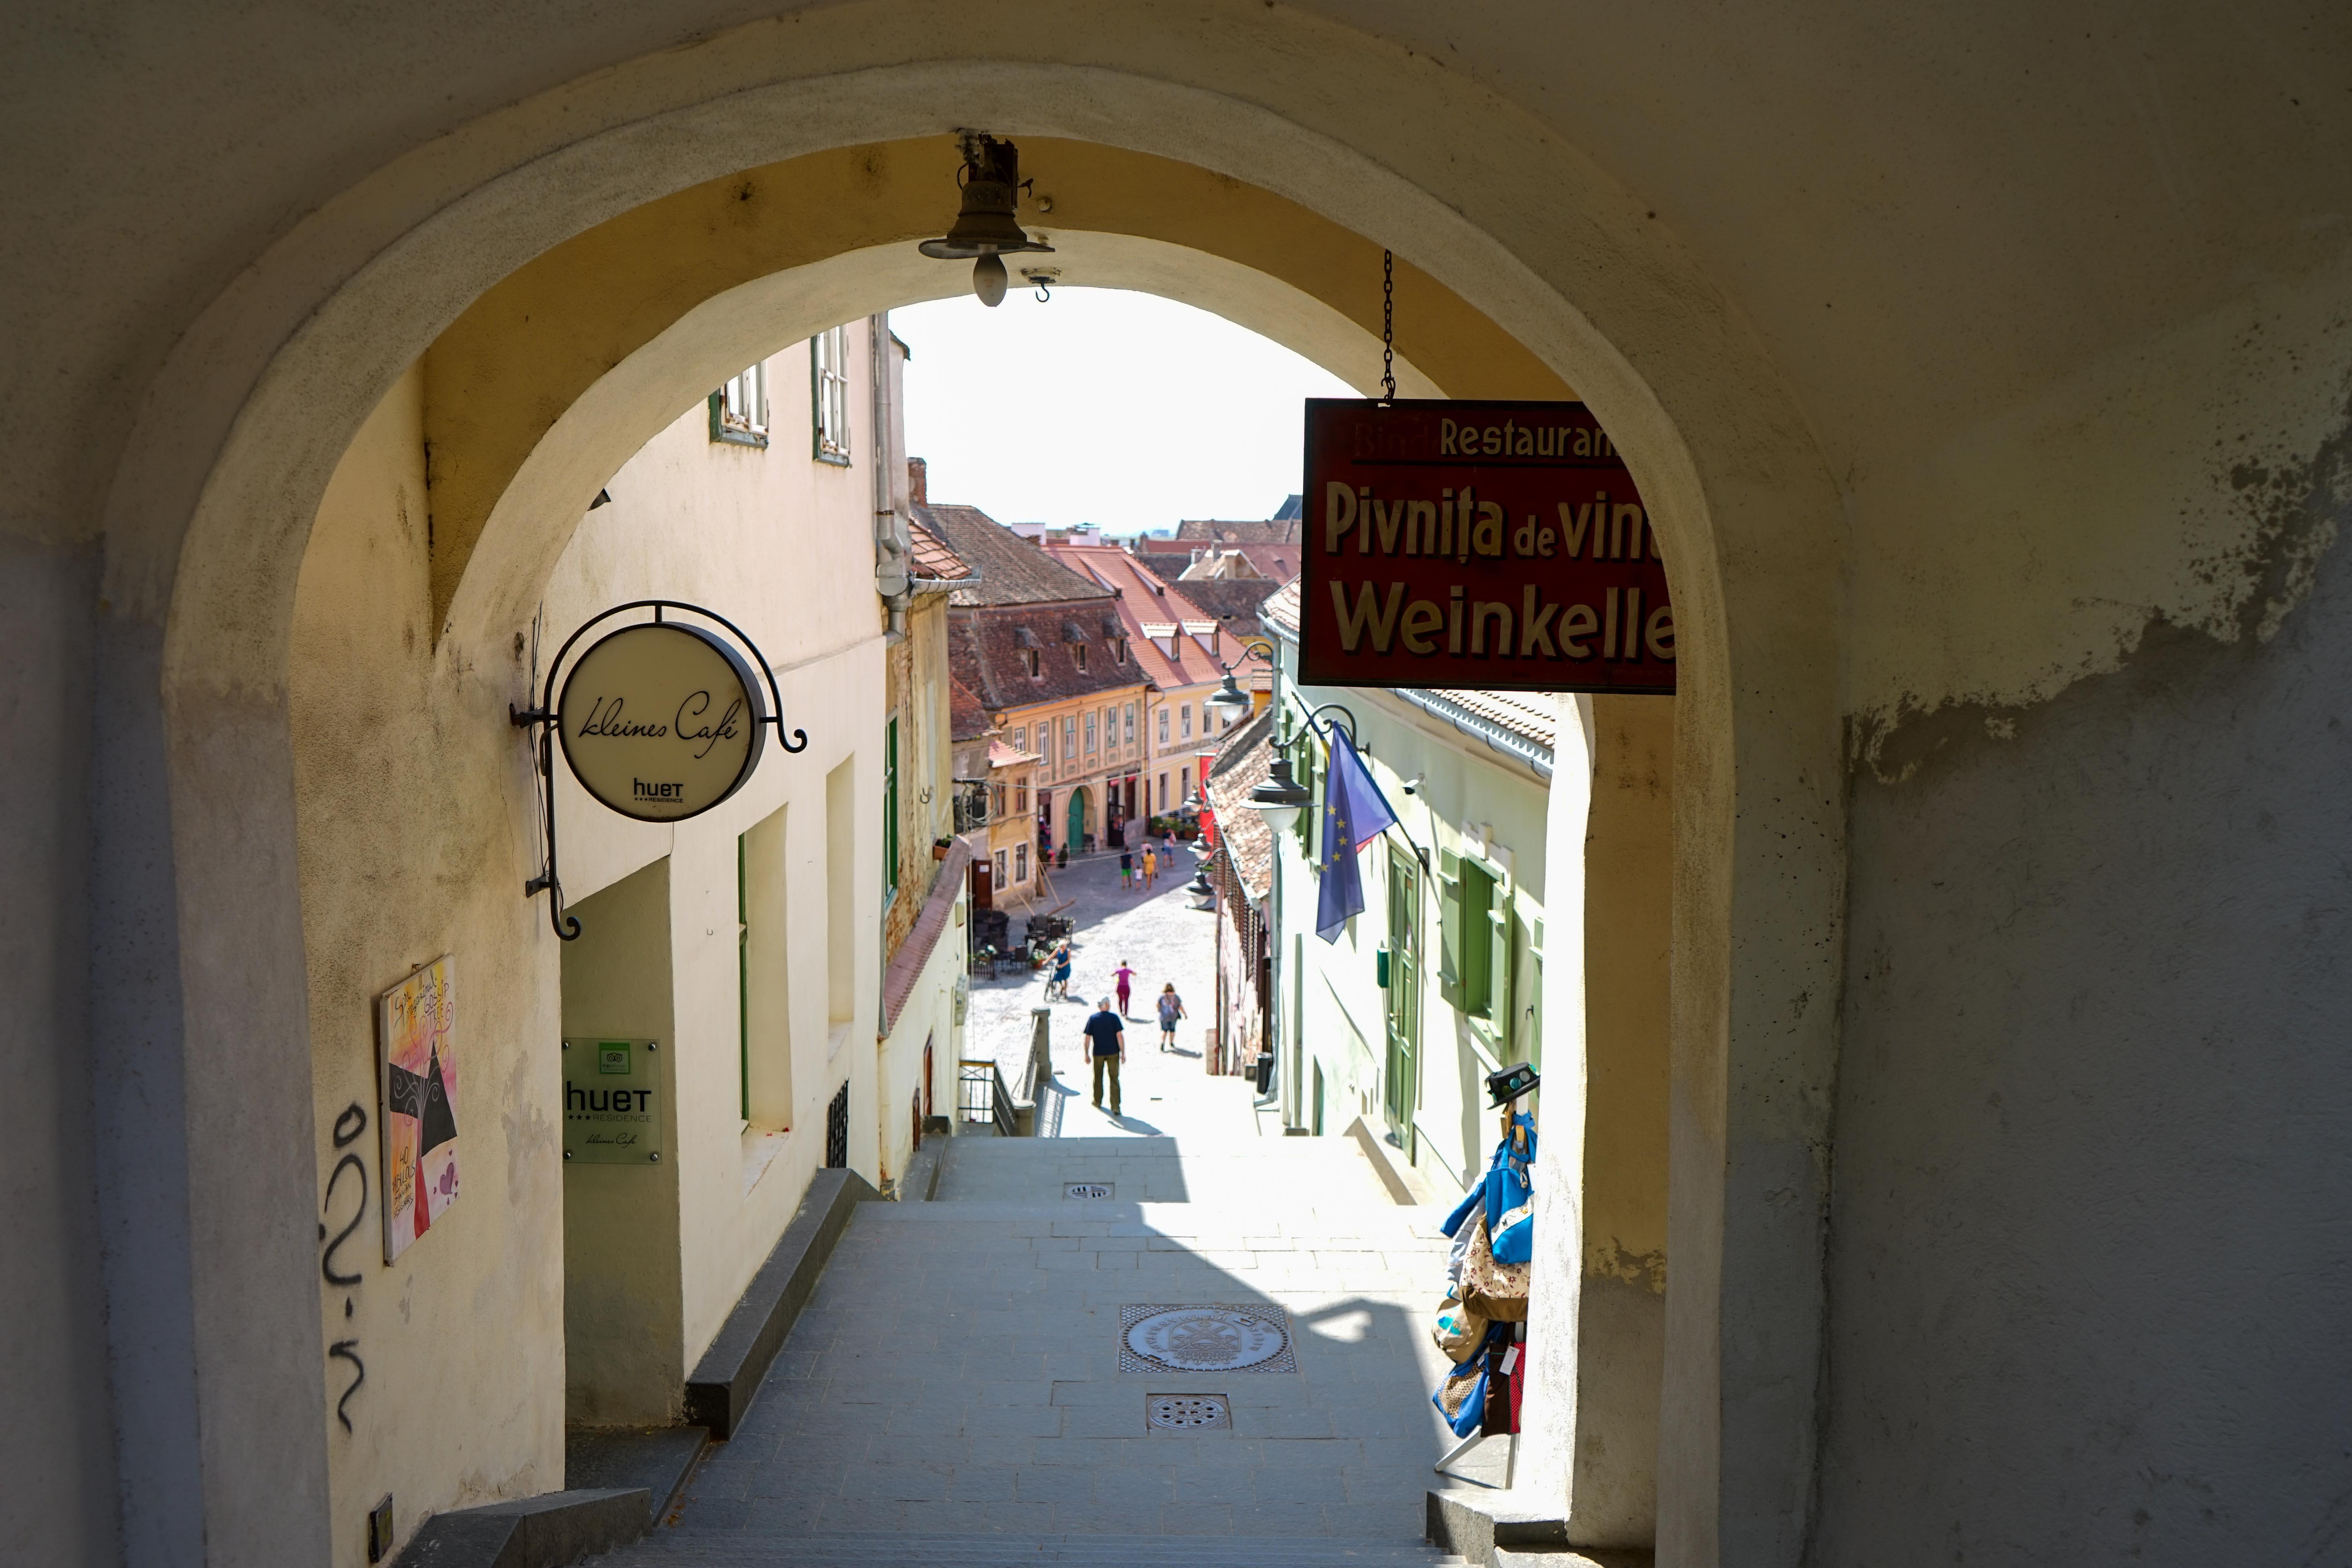 Restaurant Tipps Hermannstadt Sibiu Rumänien Insider Tipps Pivnita de vinuri Weinkeller Reiseblog 2q